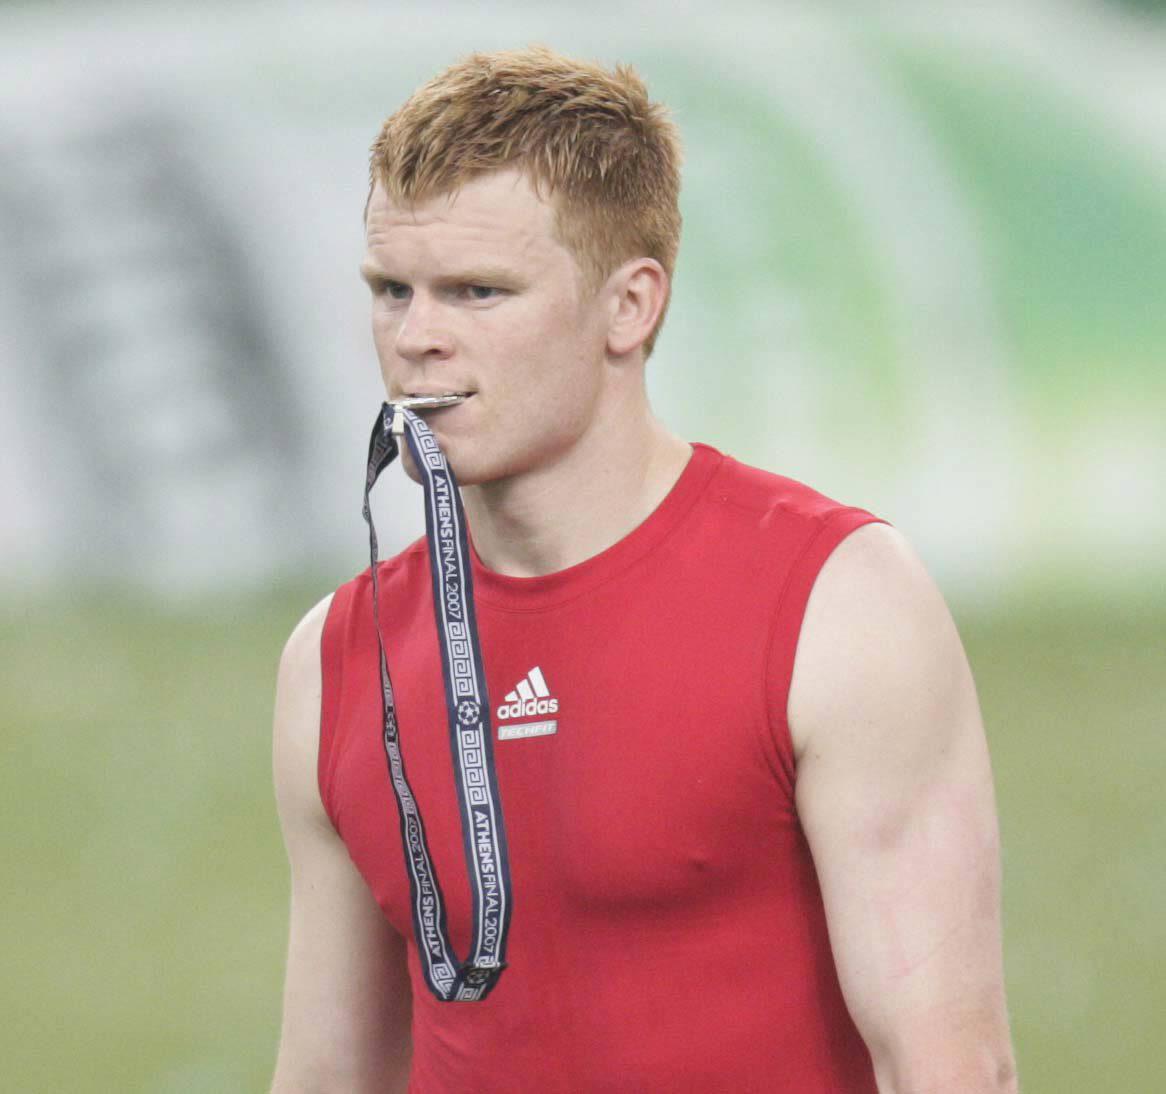 杰拉德:当年的里瑟速度和身体素质俱佳,他是红军重要的一员